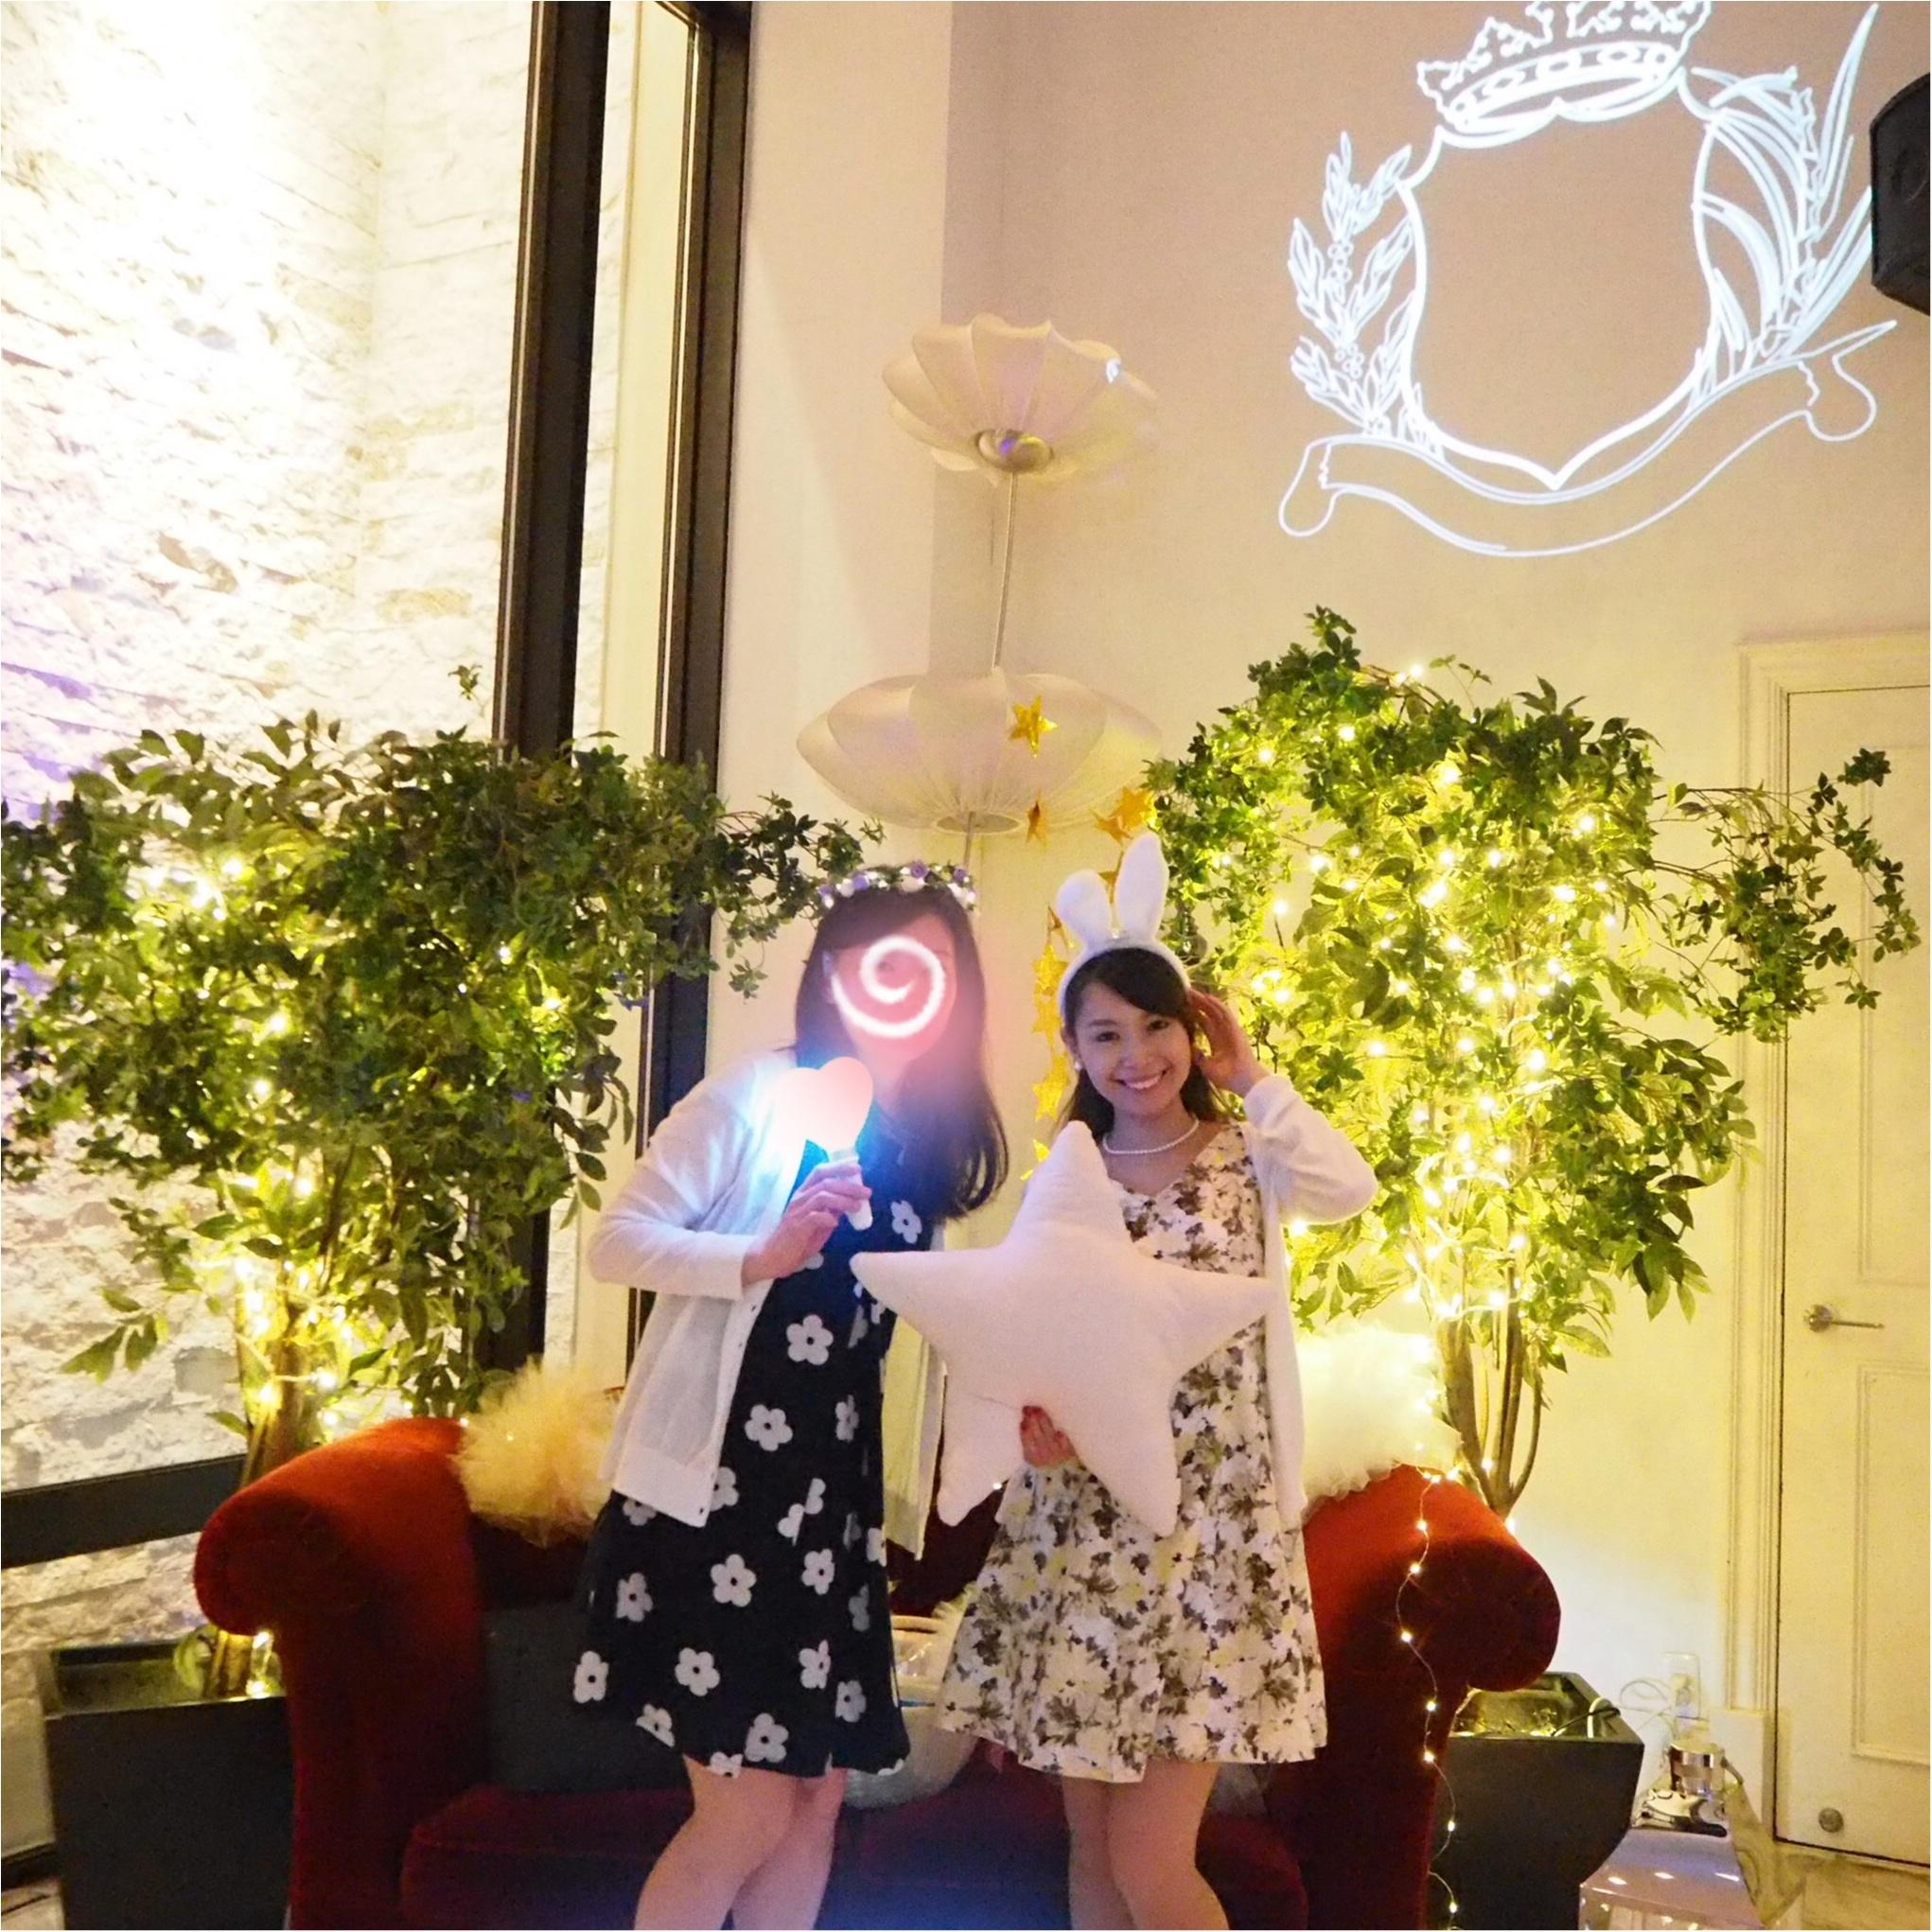 【結婚式場でビアイベント】会場の光に包まれながら楽しくごはん♡_12